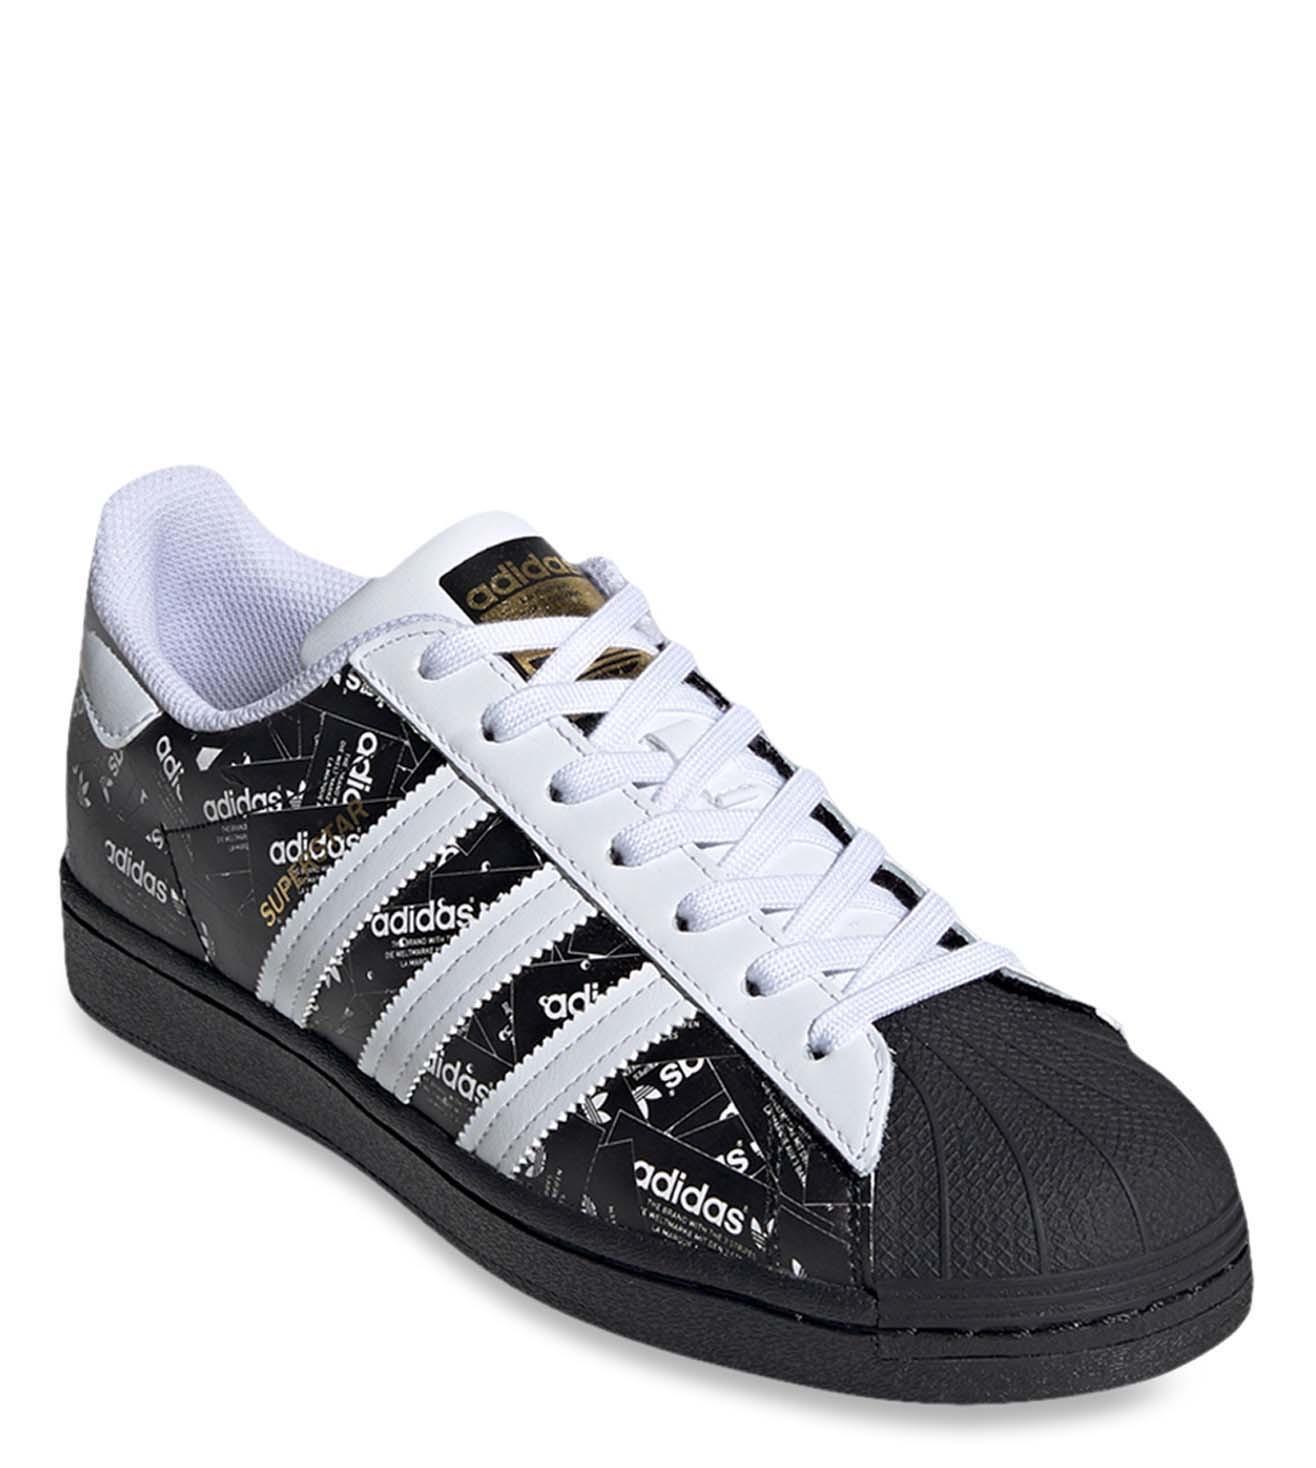 Regan luz de sol Hobart  Buy Adidas Originals Black SUPERSTAR Men Sneakers Online @ Tata CLiQ Luxury